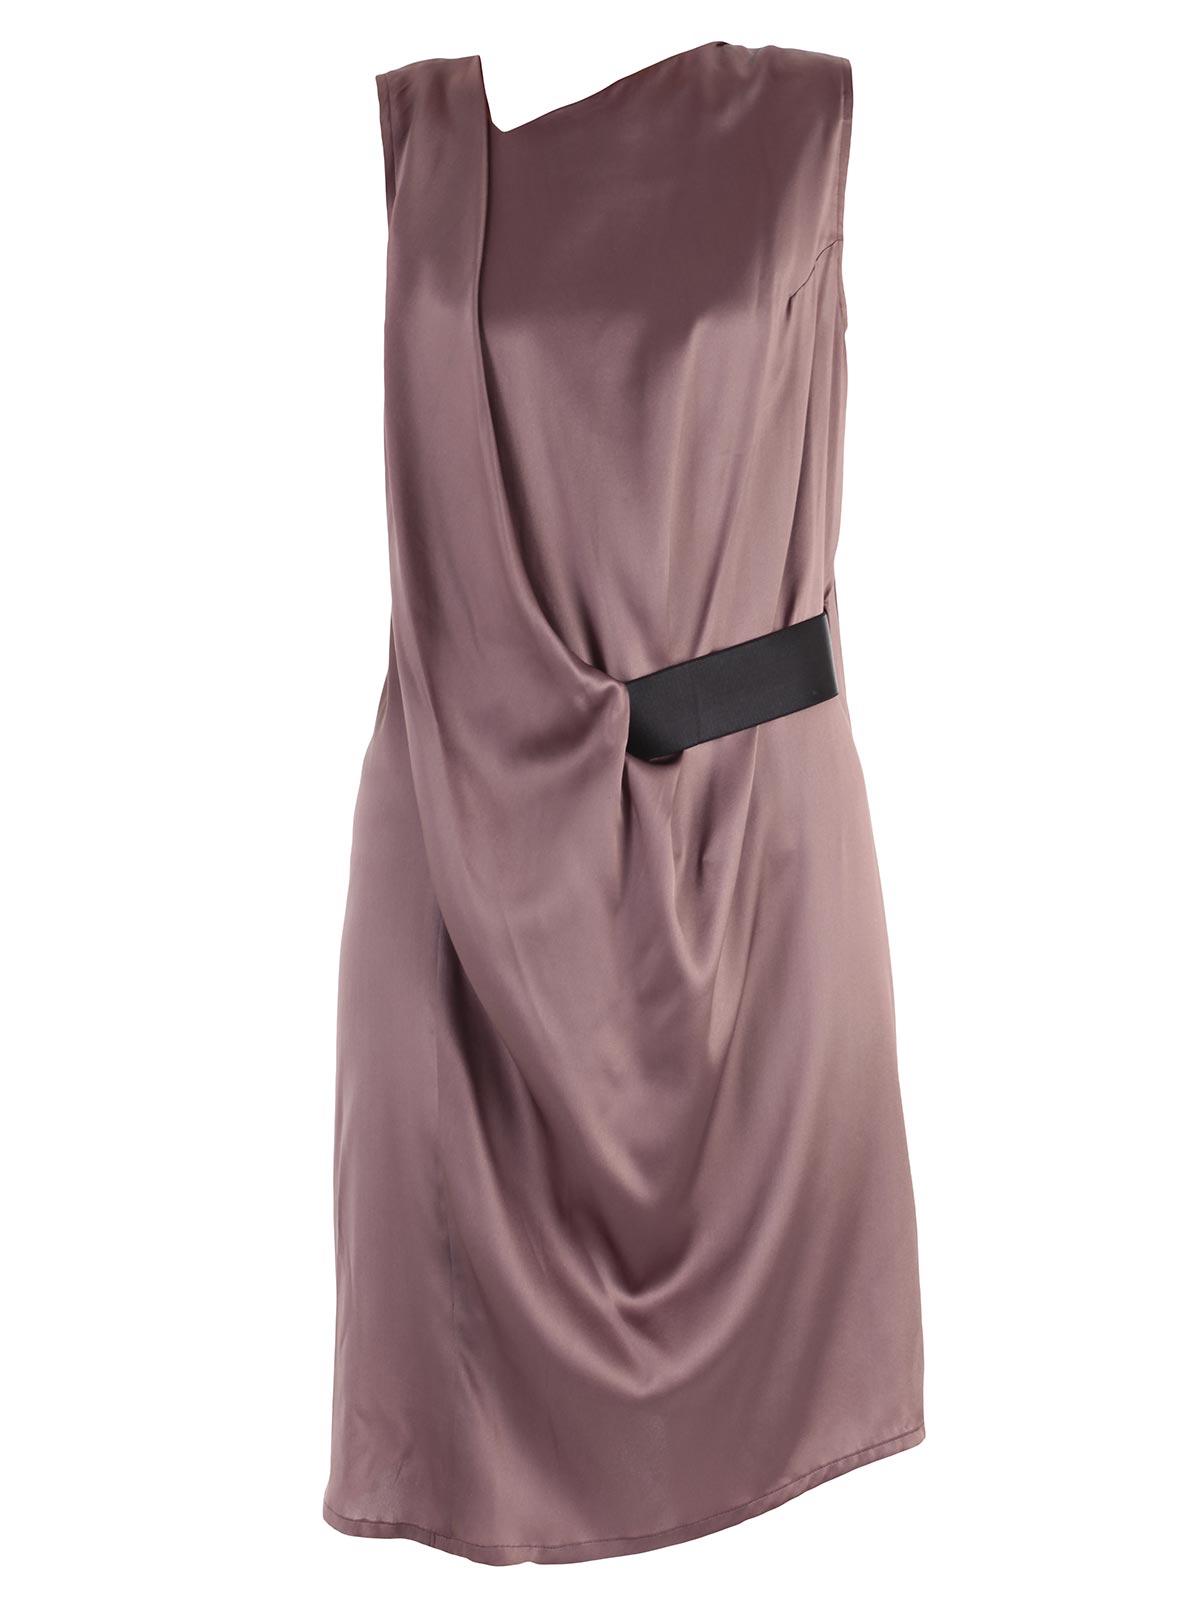 Picture of ANN DEMEULEMESTER DRESS ABITO S/M C/CINTURA LATERALE VISCOSA DI SETA